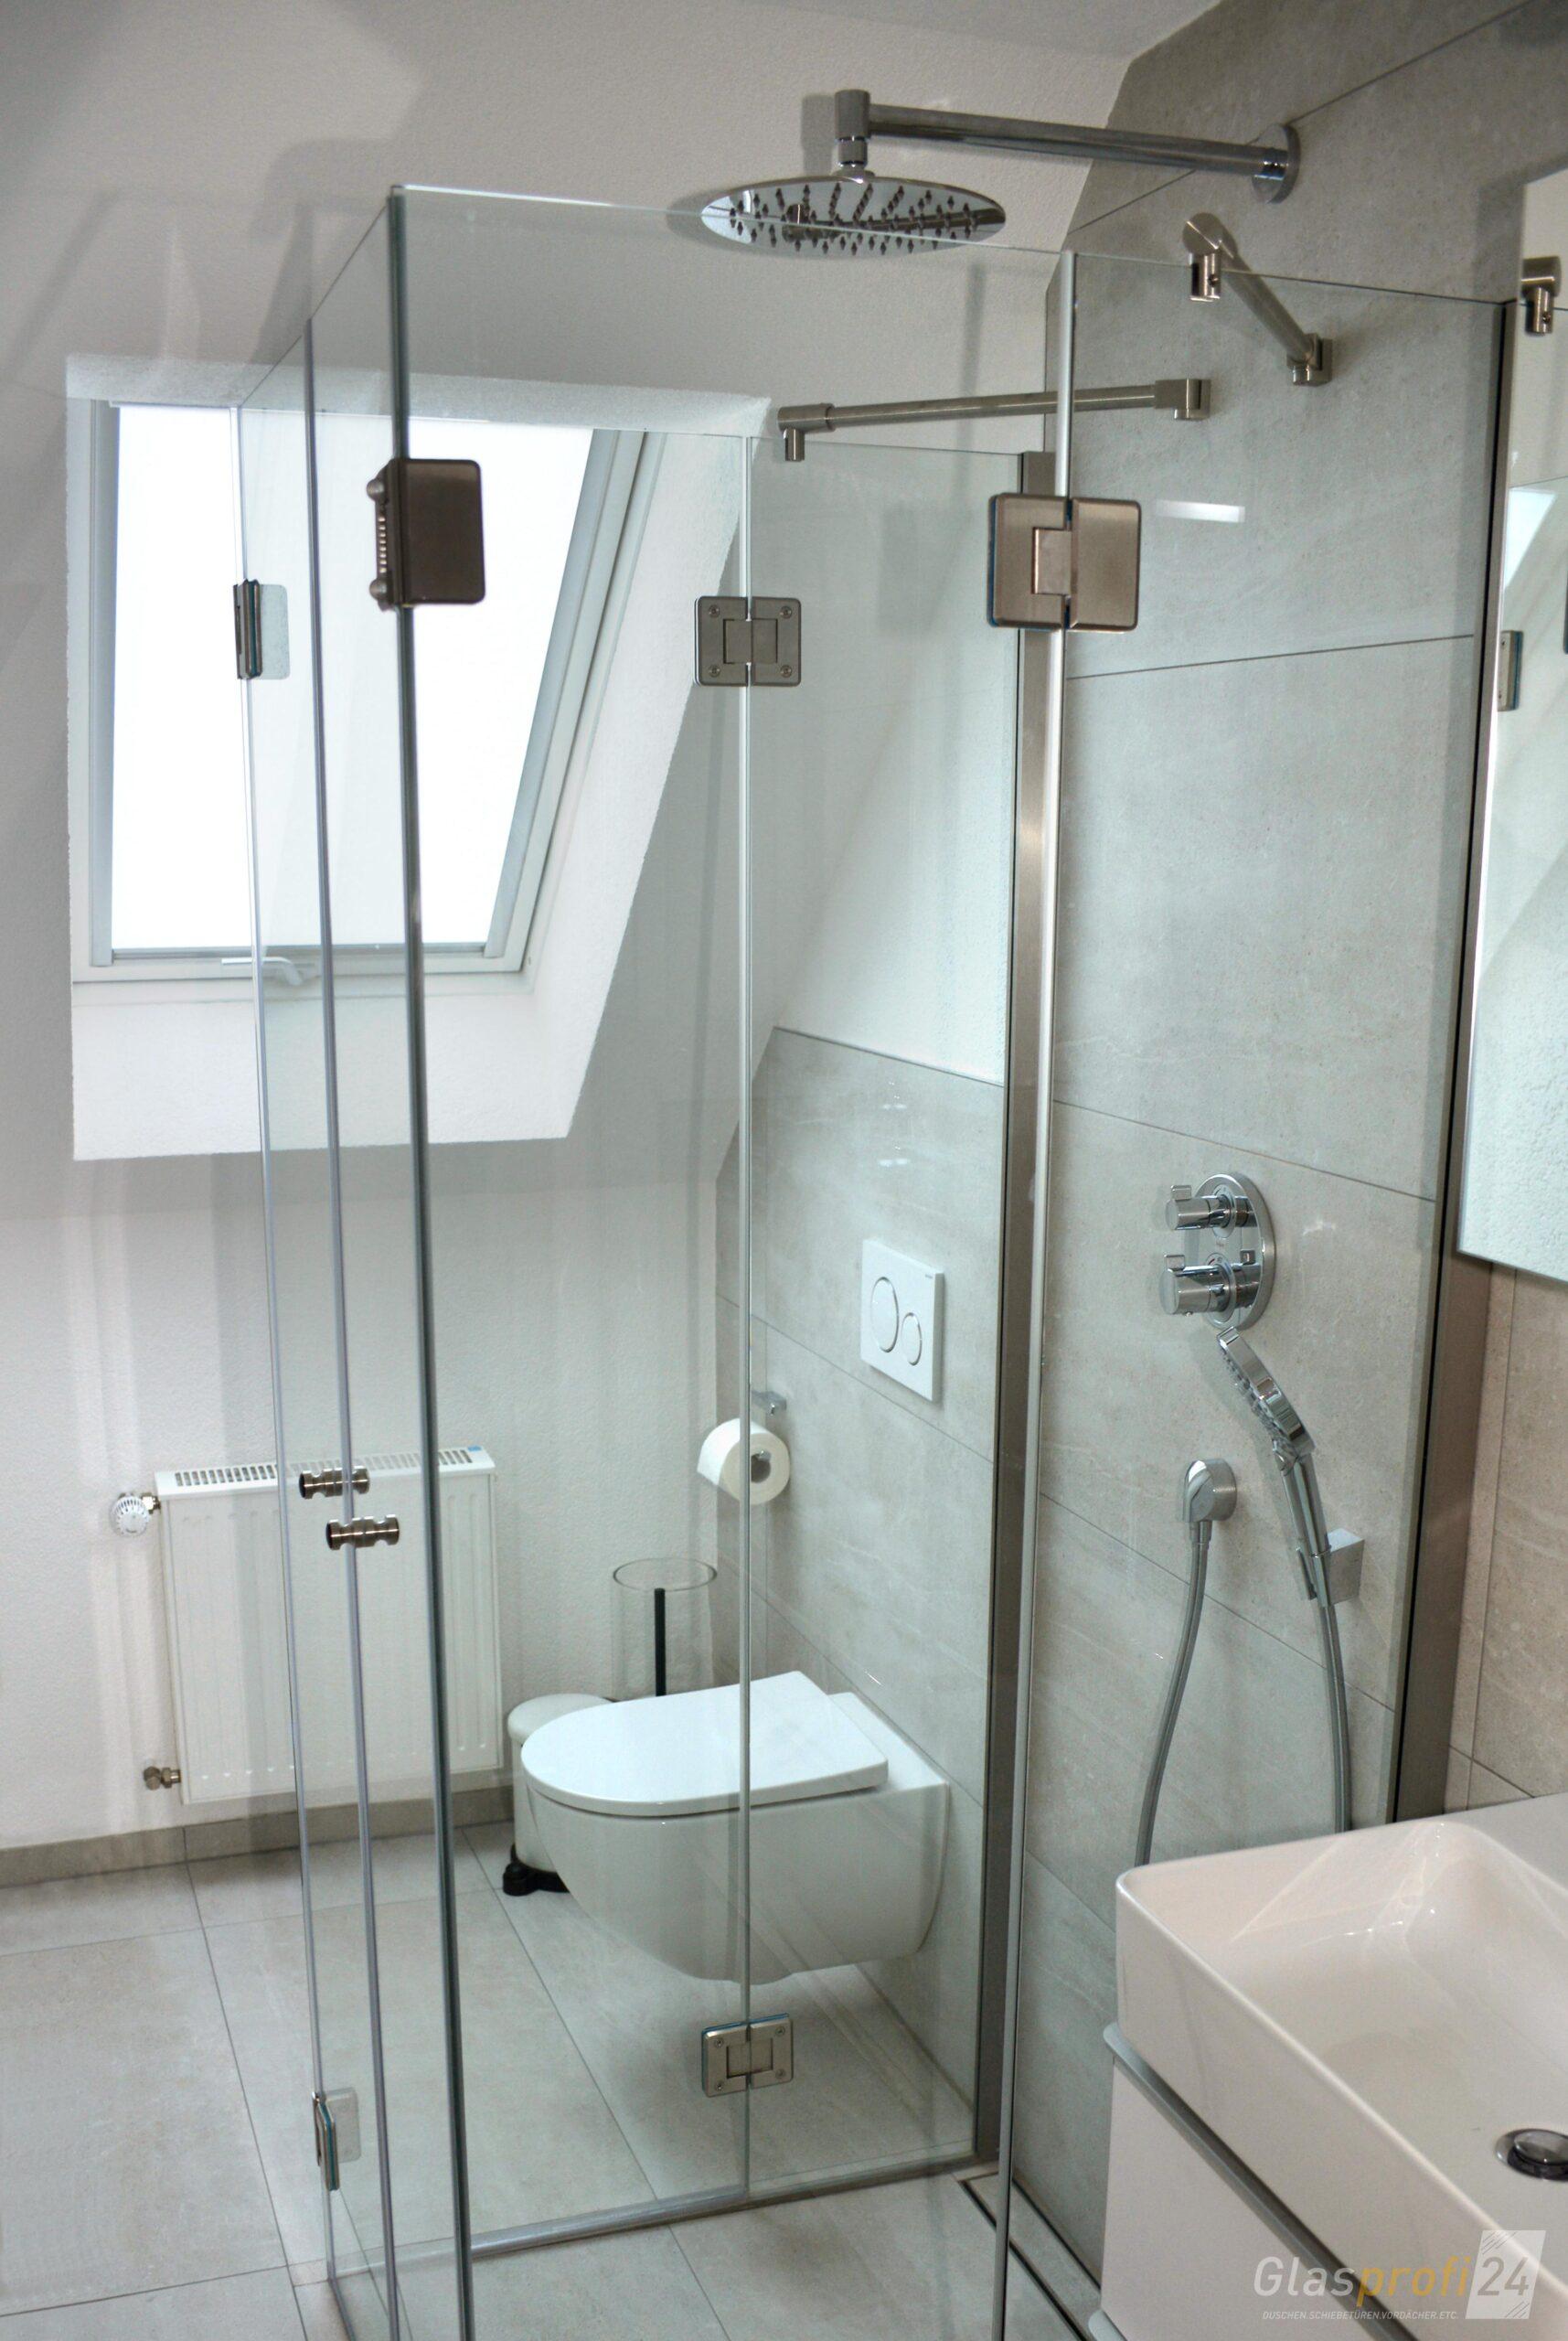 Full Size of Ebenerdige Dusche Kosten Bodenebene Bad Fliesen Glasabtrennung Schiebetür Haltegriff Komplett Set Bodengleiche Für Nachträglich Einbauen Schulte Duschen Dusche Ebenerdige Dusche Kosten